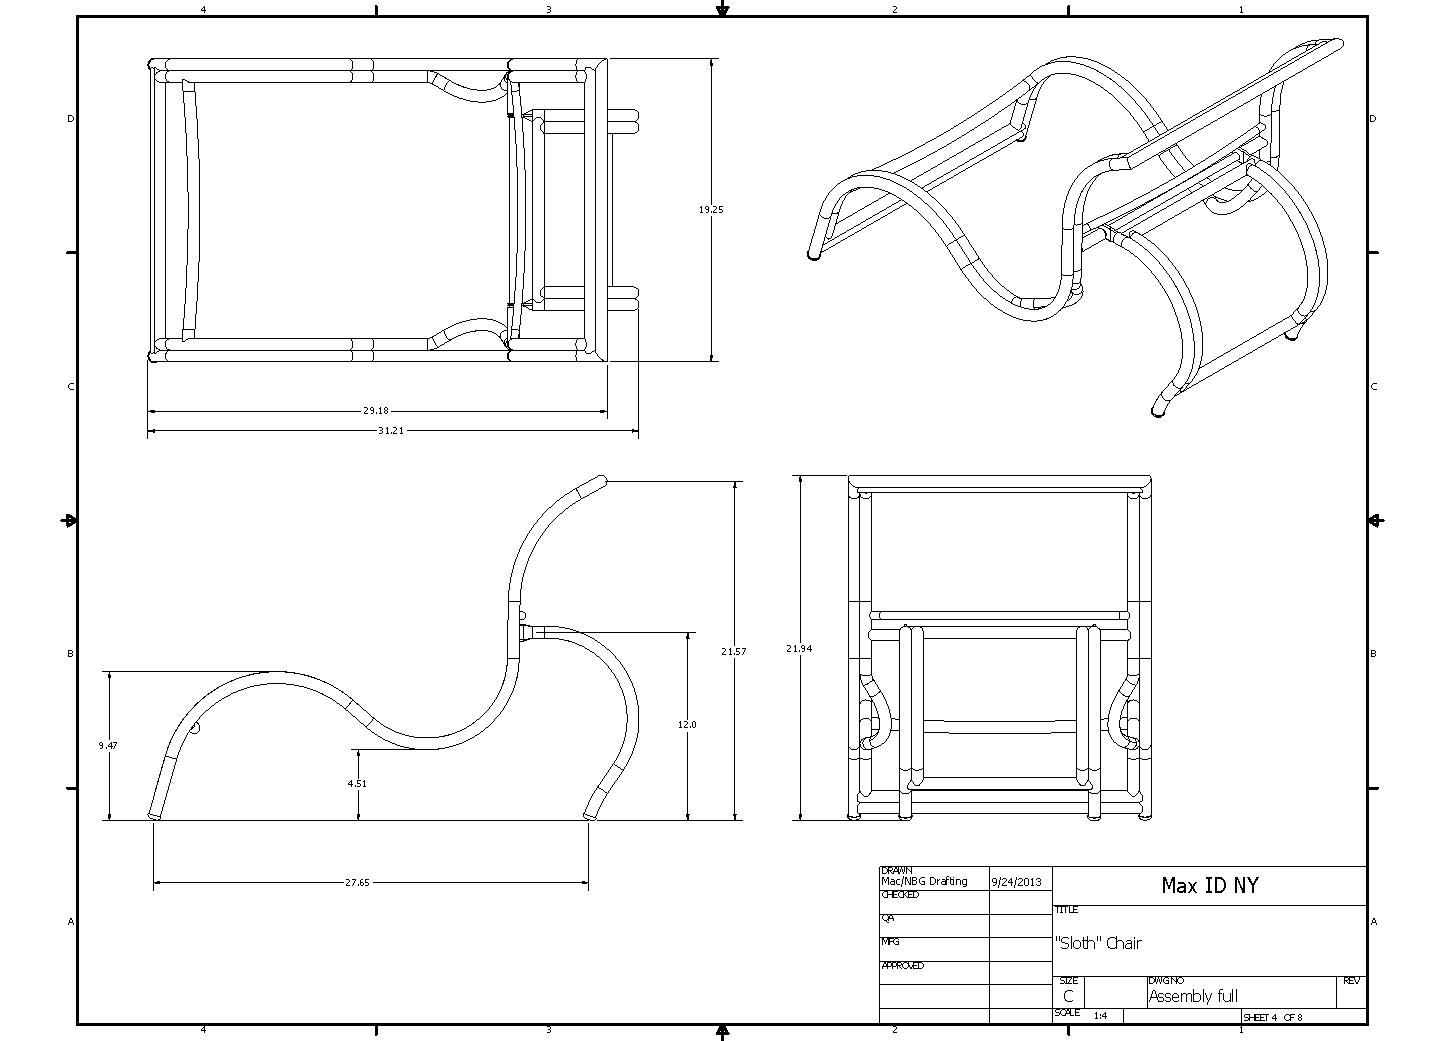 l pad wiring diagram wiring diagrams l pad wiring diagram ruger no 1 parts besides yamaha